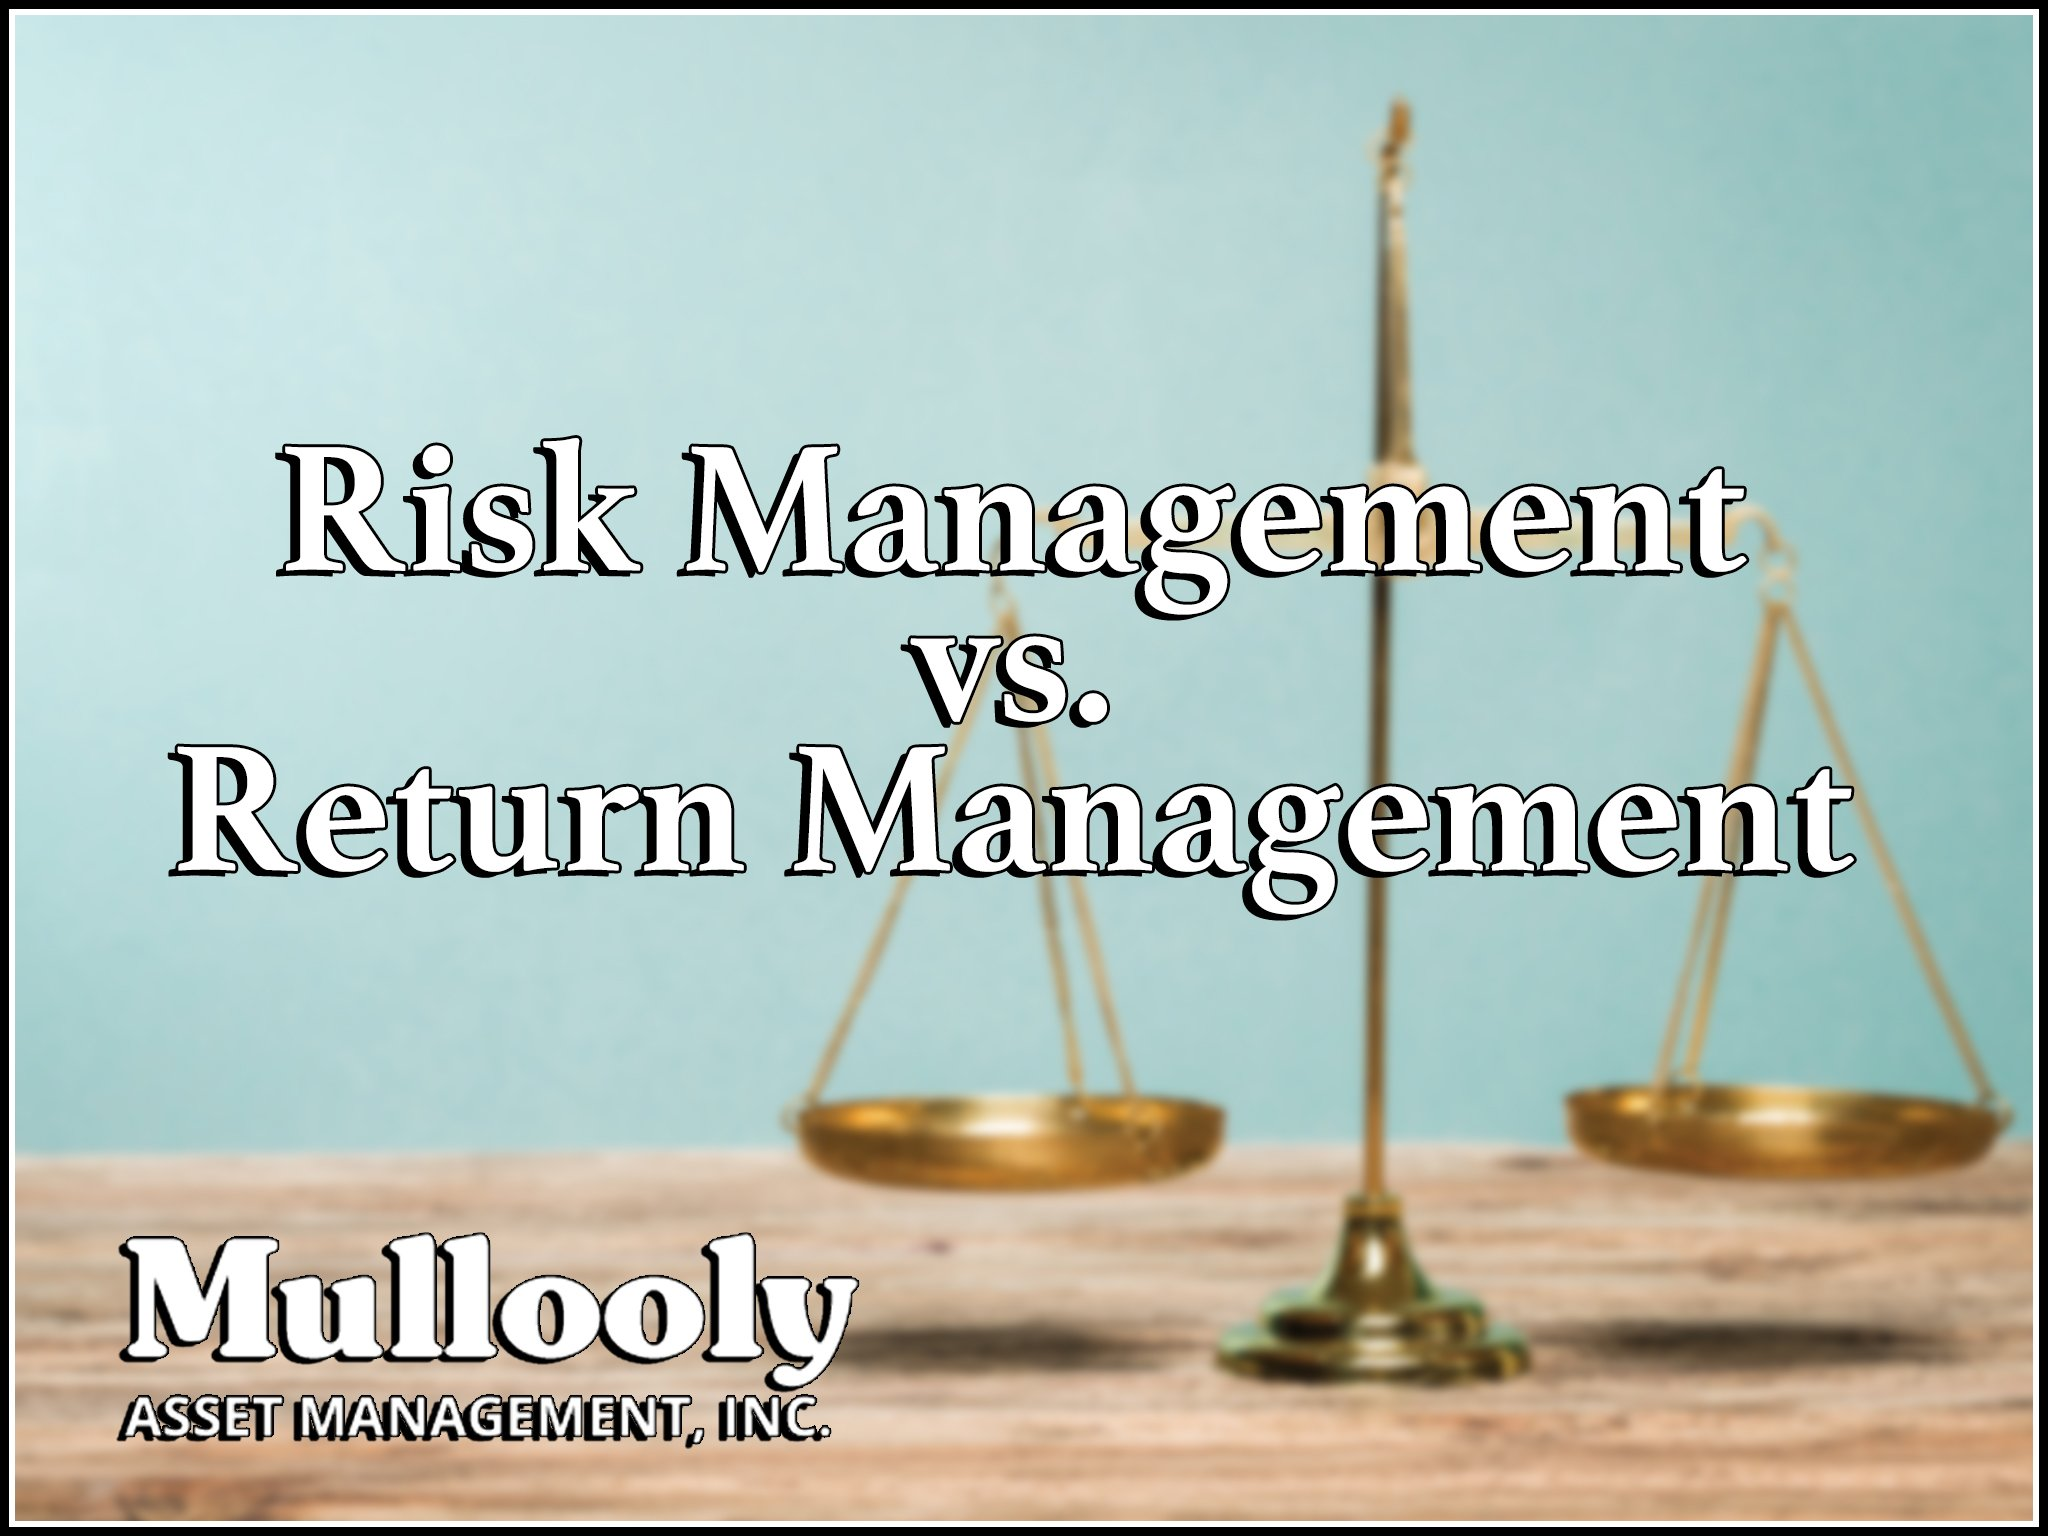 Risk Management vs. Return Management